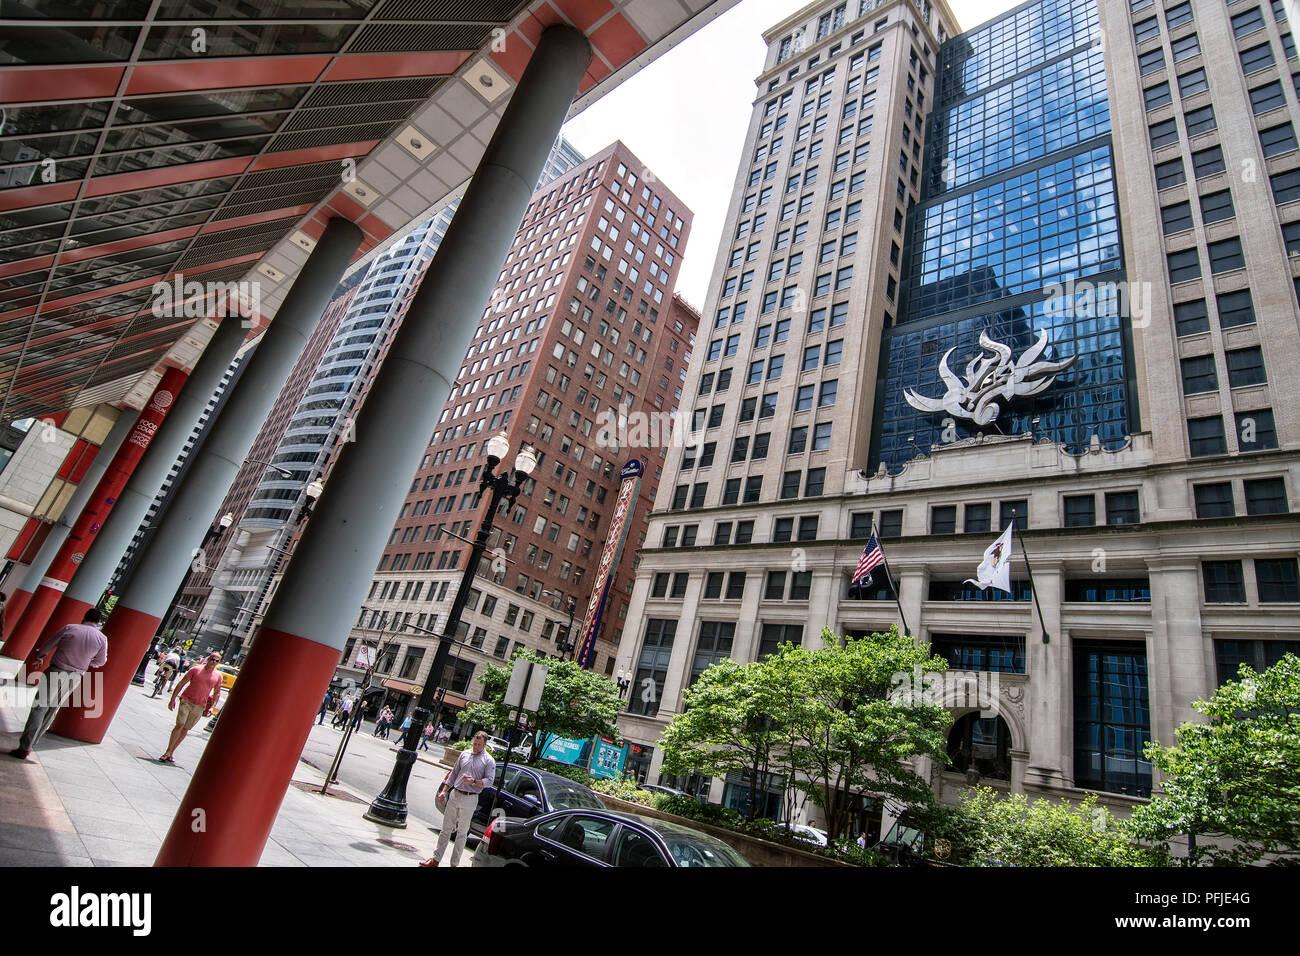 Llinois del Departamento de Trabajo, el centro de Chicago, North LaSalle Blvd, Cadillac Palace Theatre. Imagen De Stock